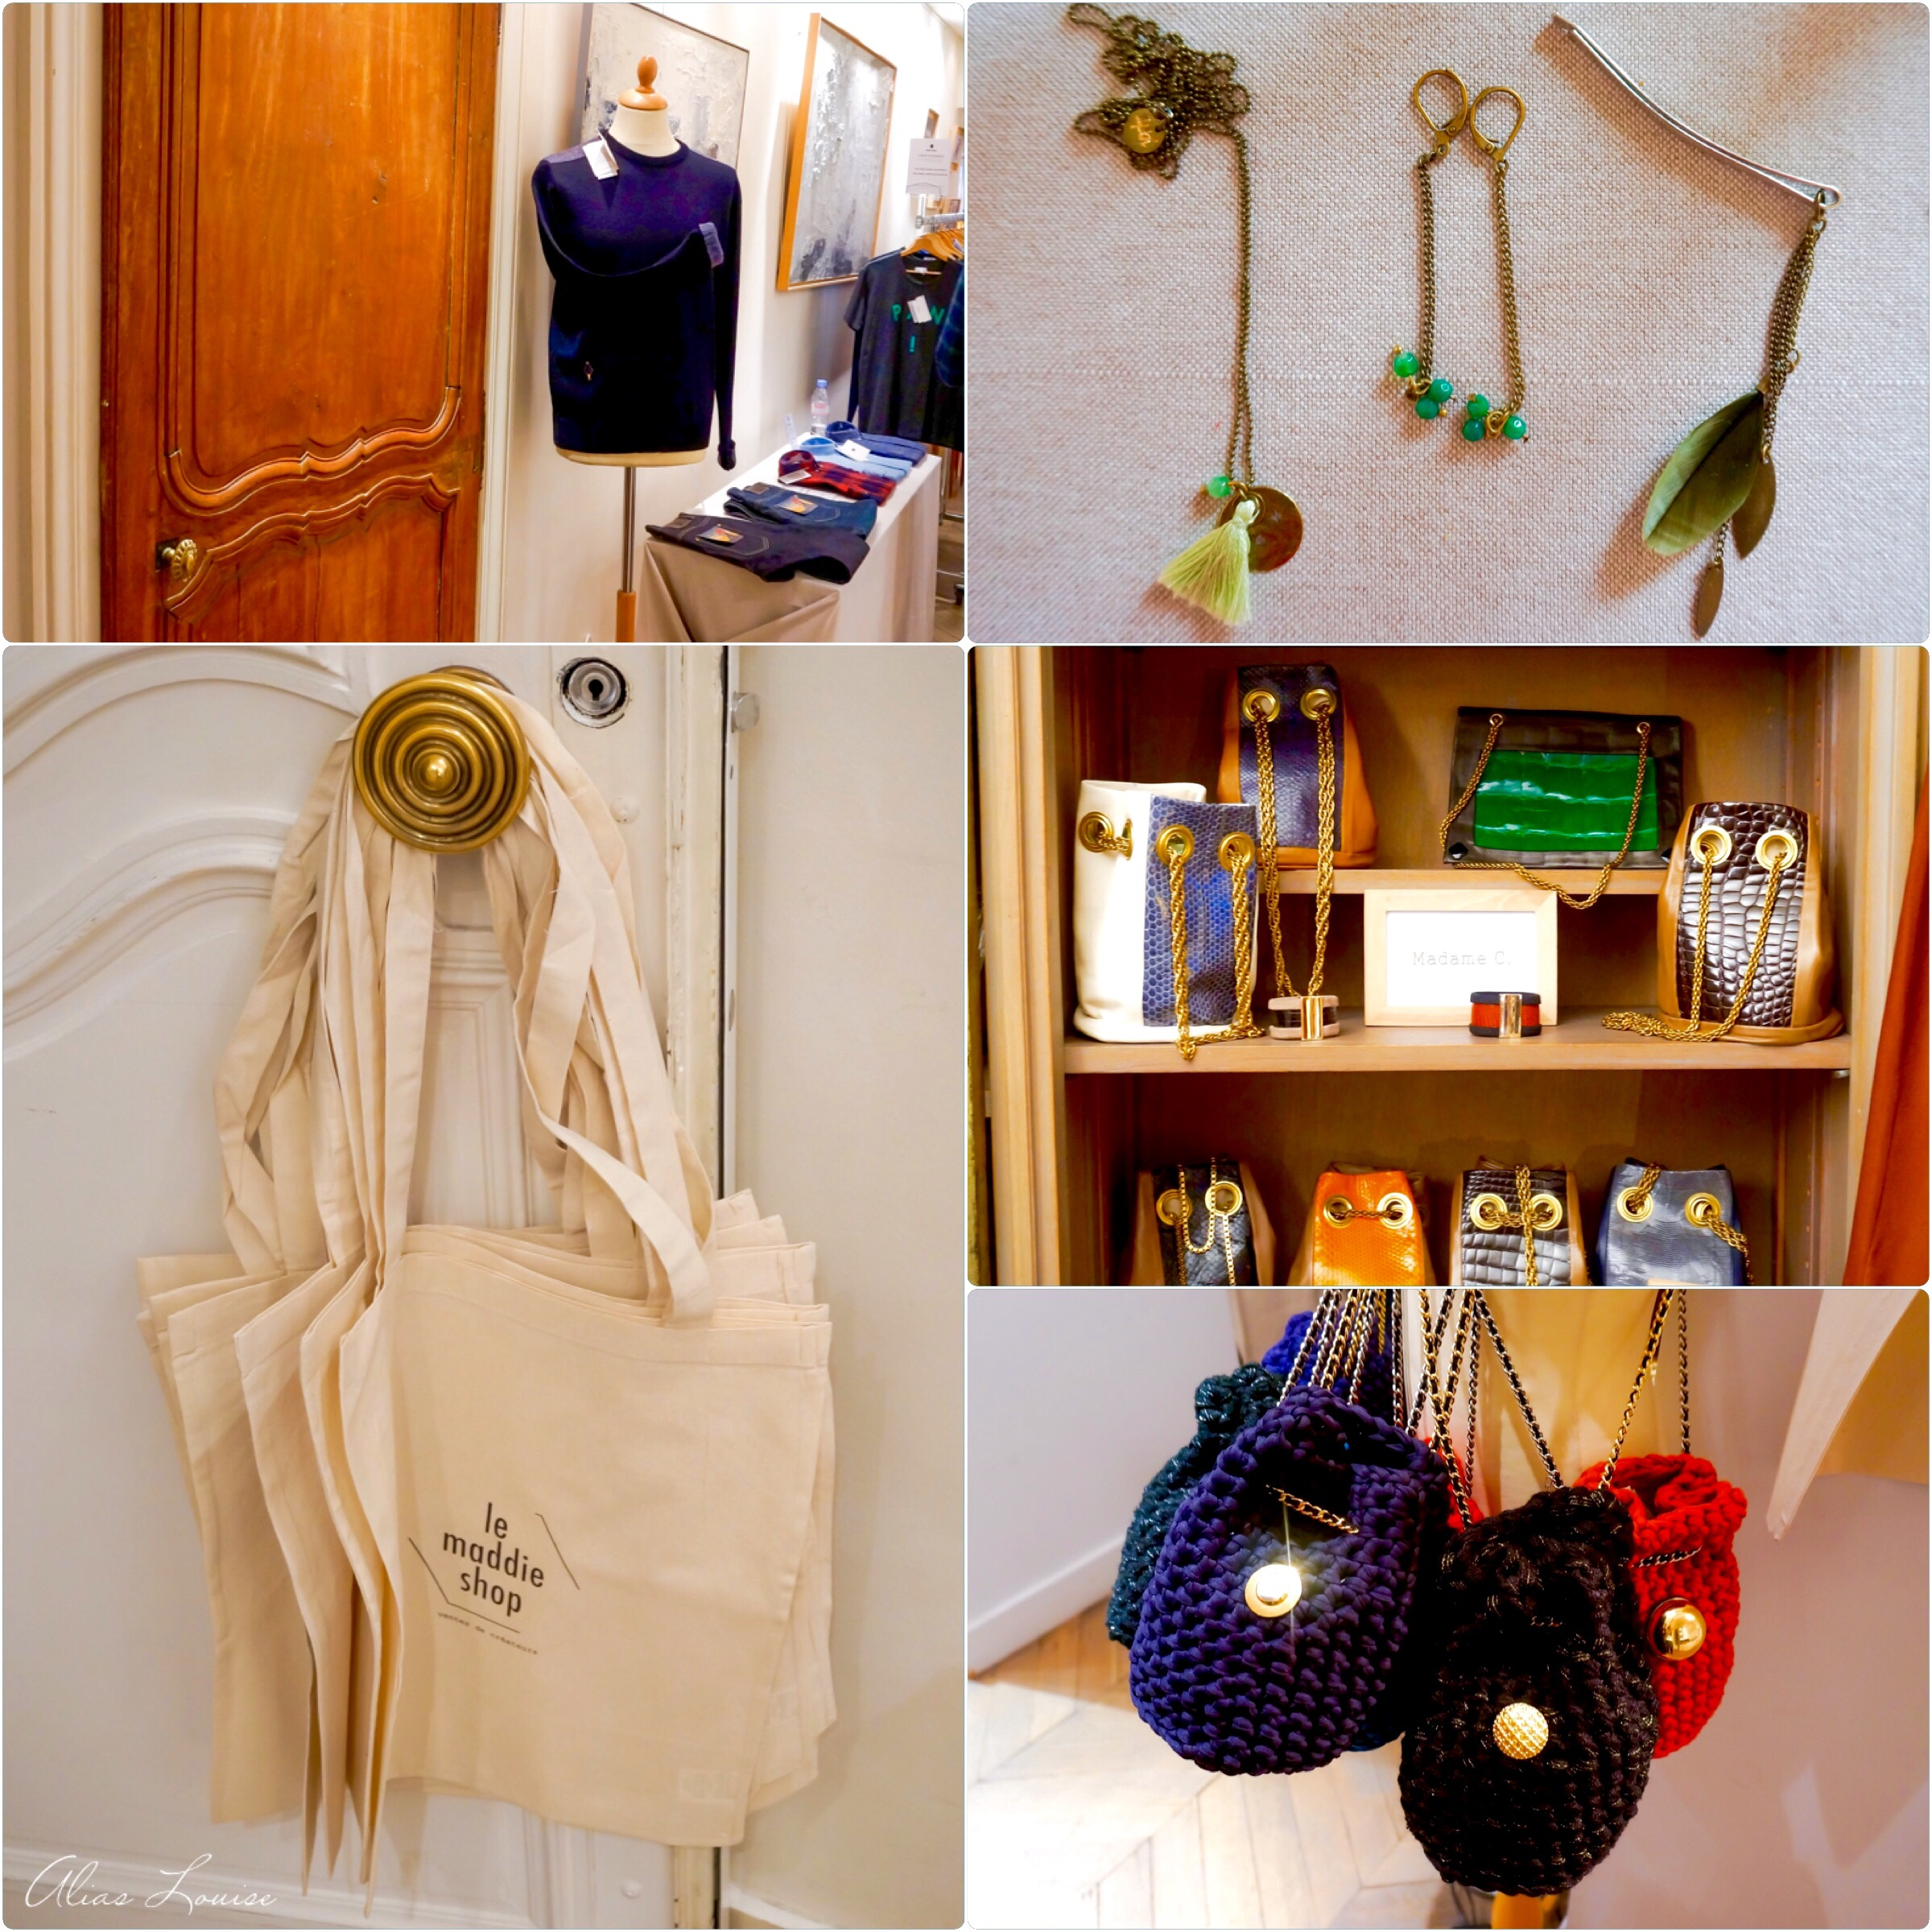 Le Maddie Shop #2